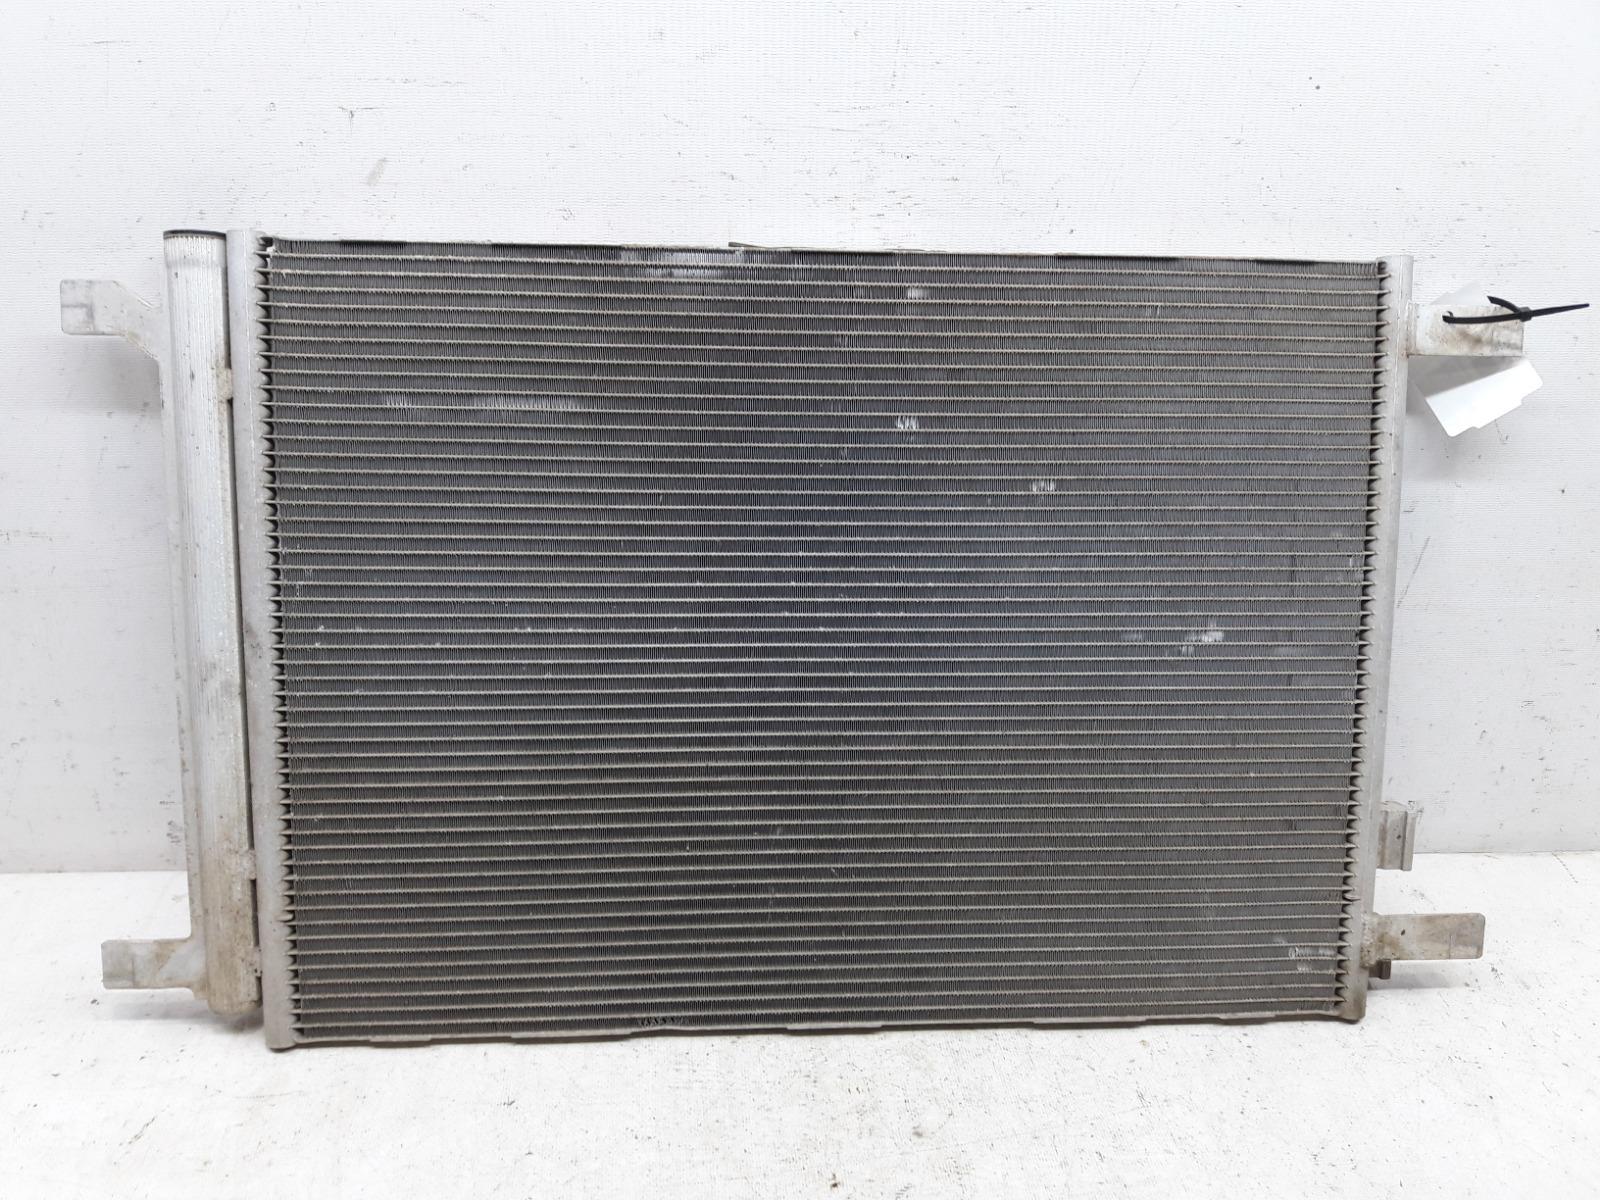 Радиатор кондиционера Skoda Octavia 2012- A7 5Q0816411BG Б/У